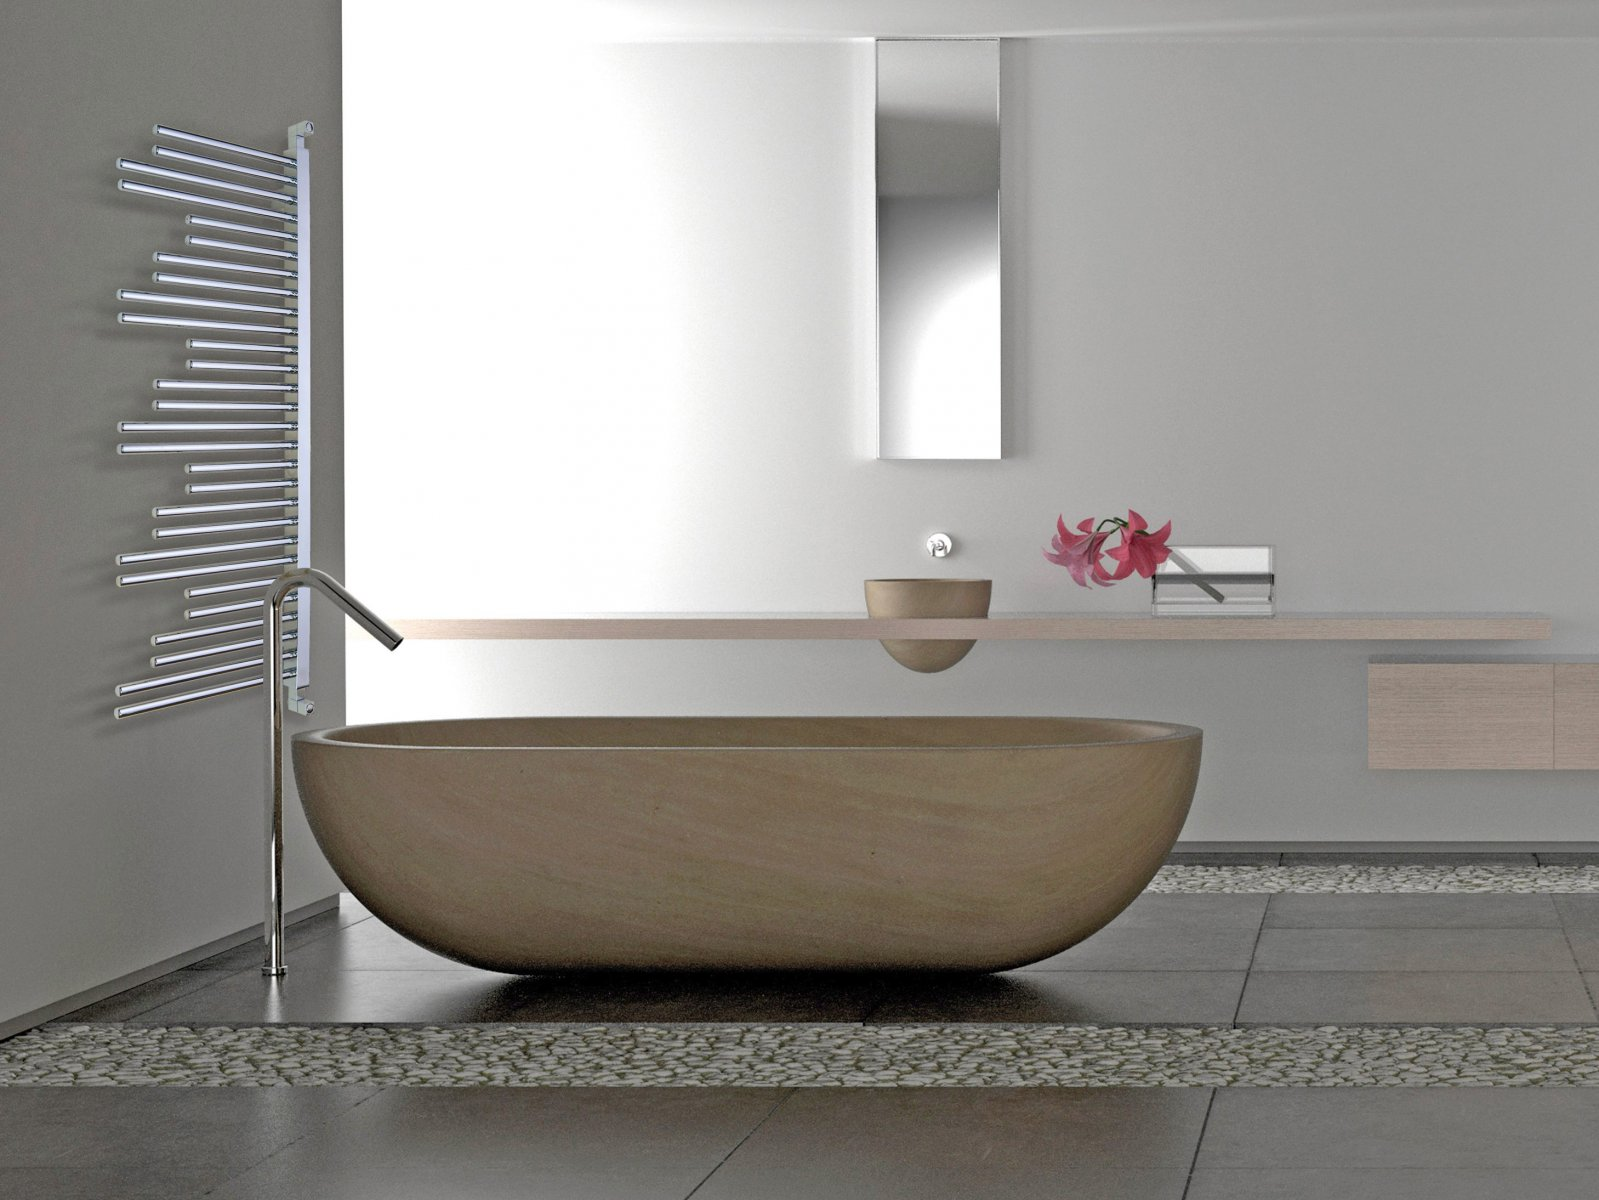 chauffage soufflant lectrique pour salle de bain chemin e installateurs et vendeurs. Black Bedroom Furniture Sets. Home Design Ideas